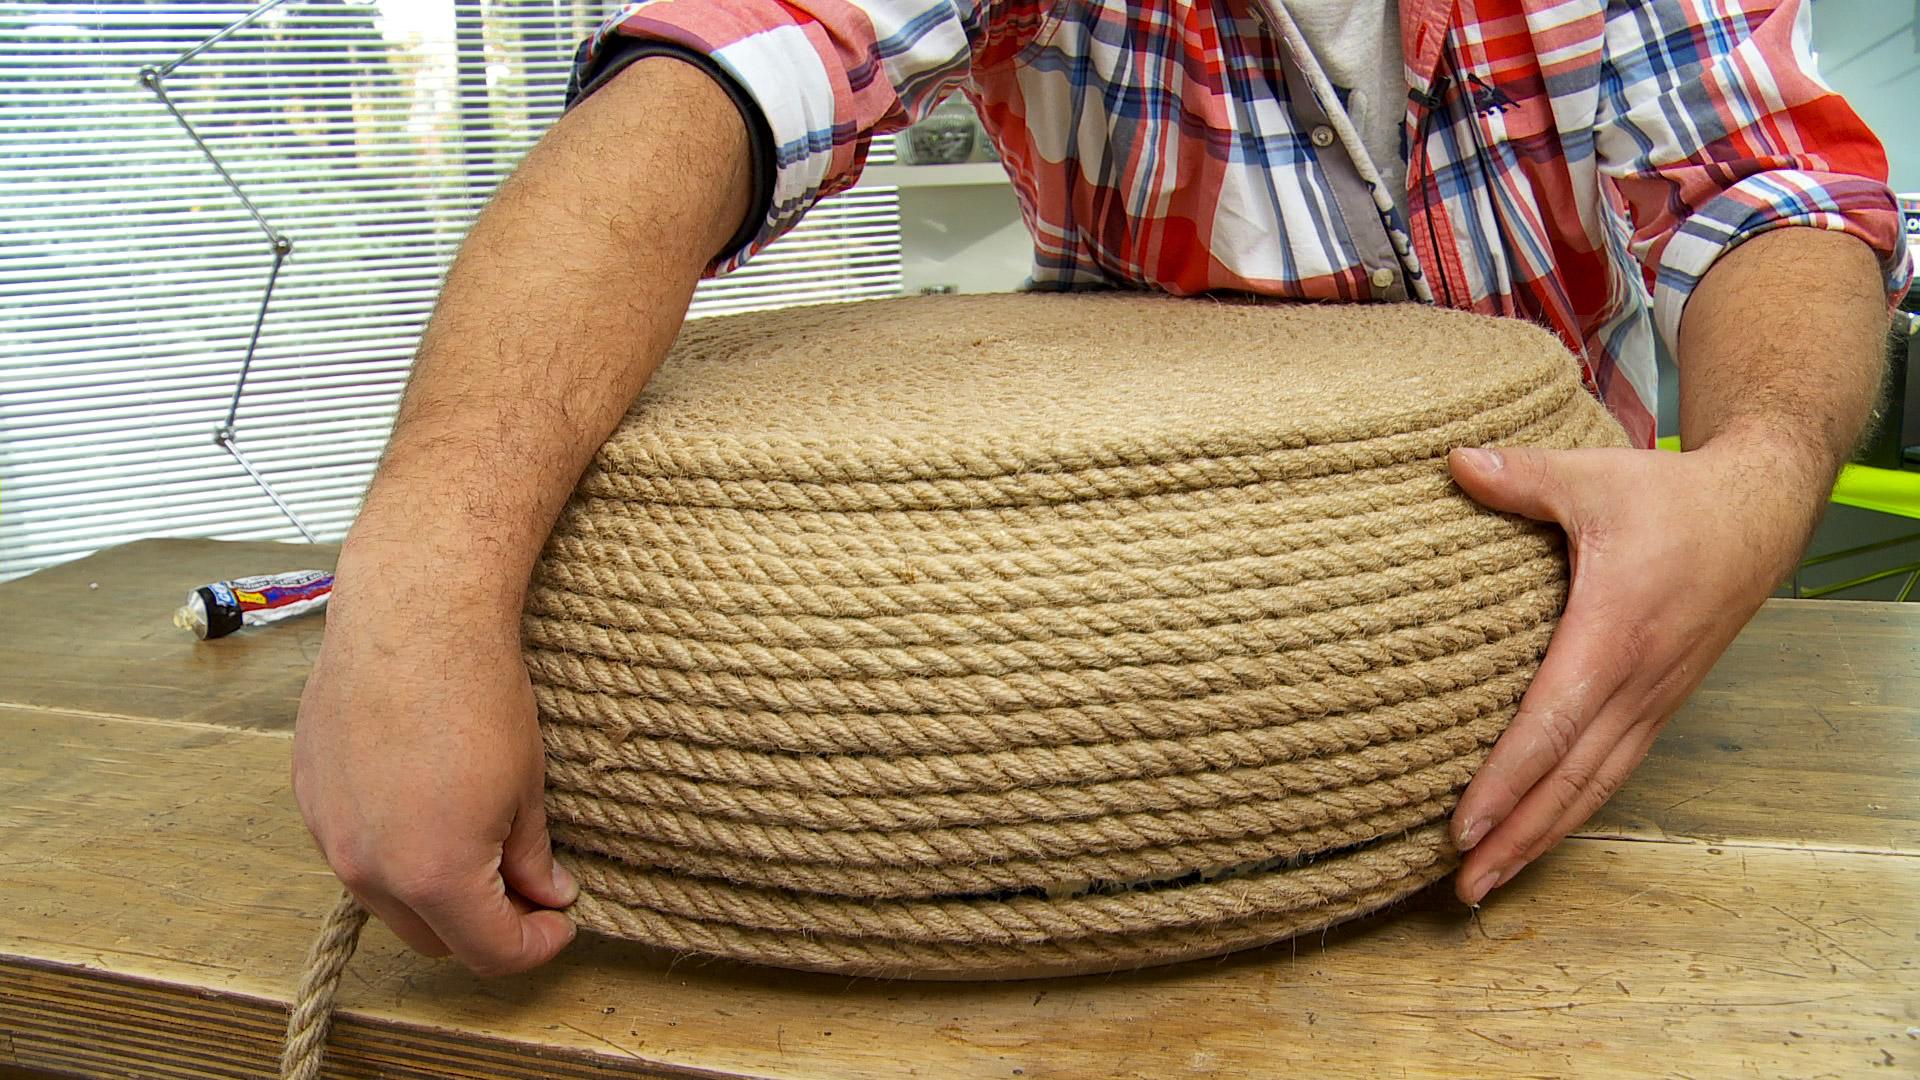 Vamos a enseñar a reutilizar un neumático viejo, que por su forma redonda se puede convertir fácilmente en un pouf, que sirva para sentarse o apoyar los pies para descansar. La idea es reutilizar los que son desechos, ya que así ayudamos a reducir la contaminación ambiental.